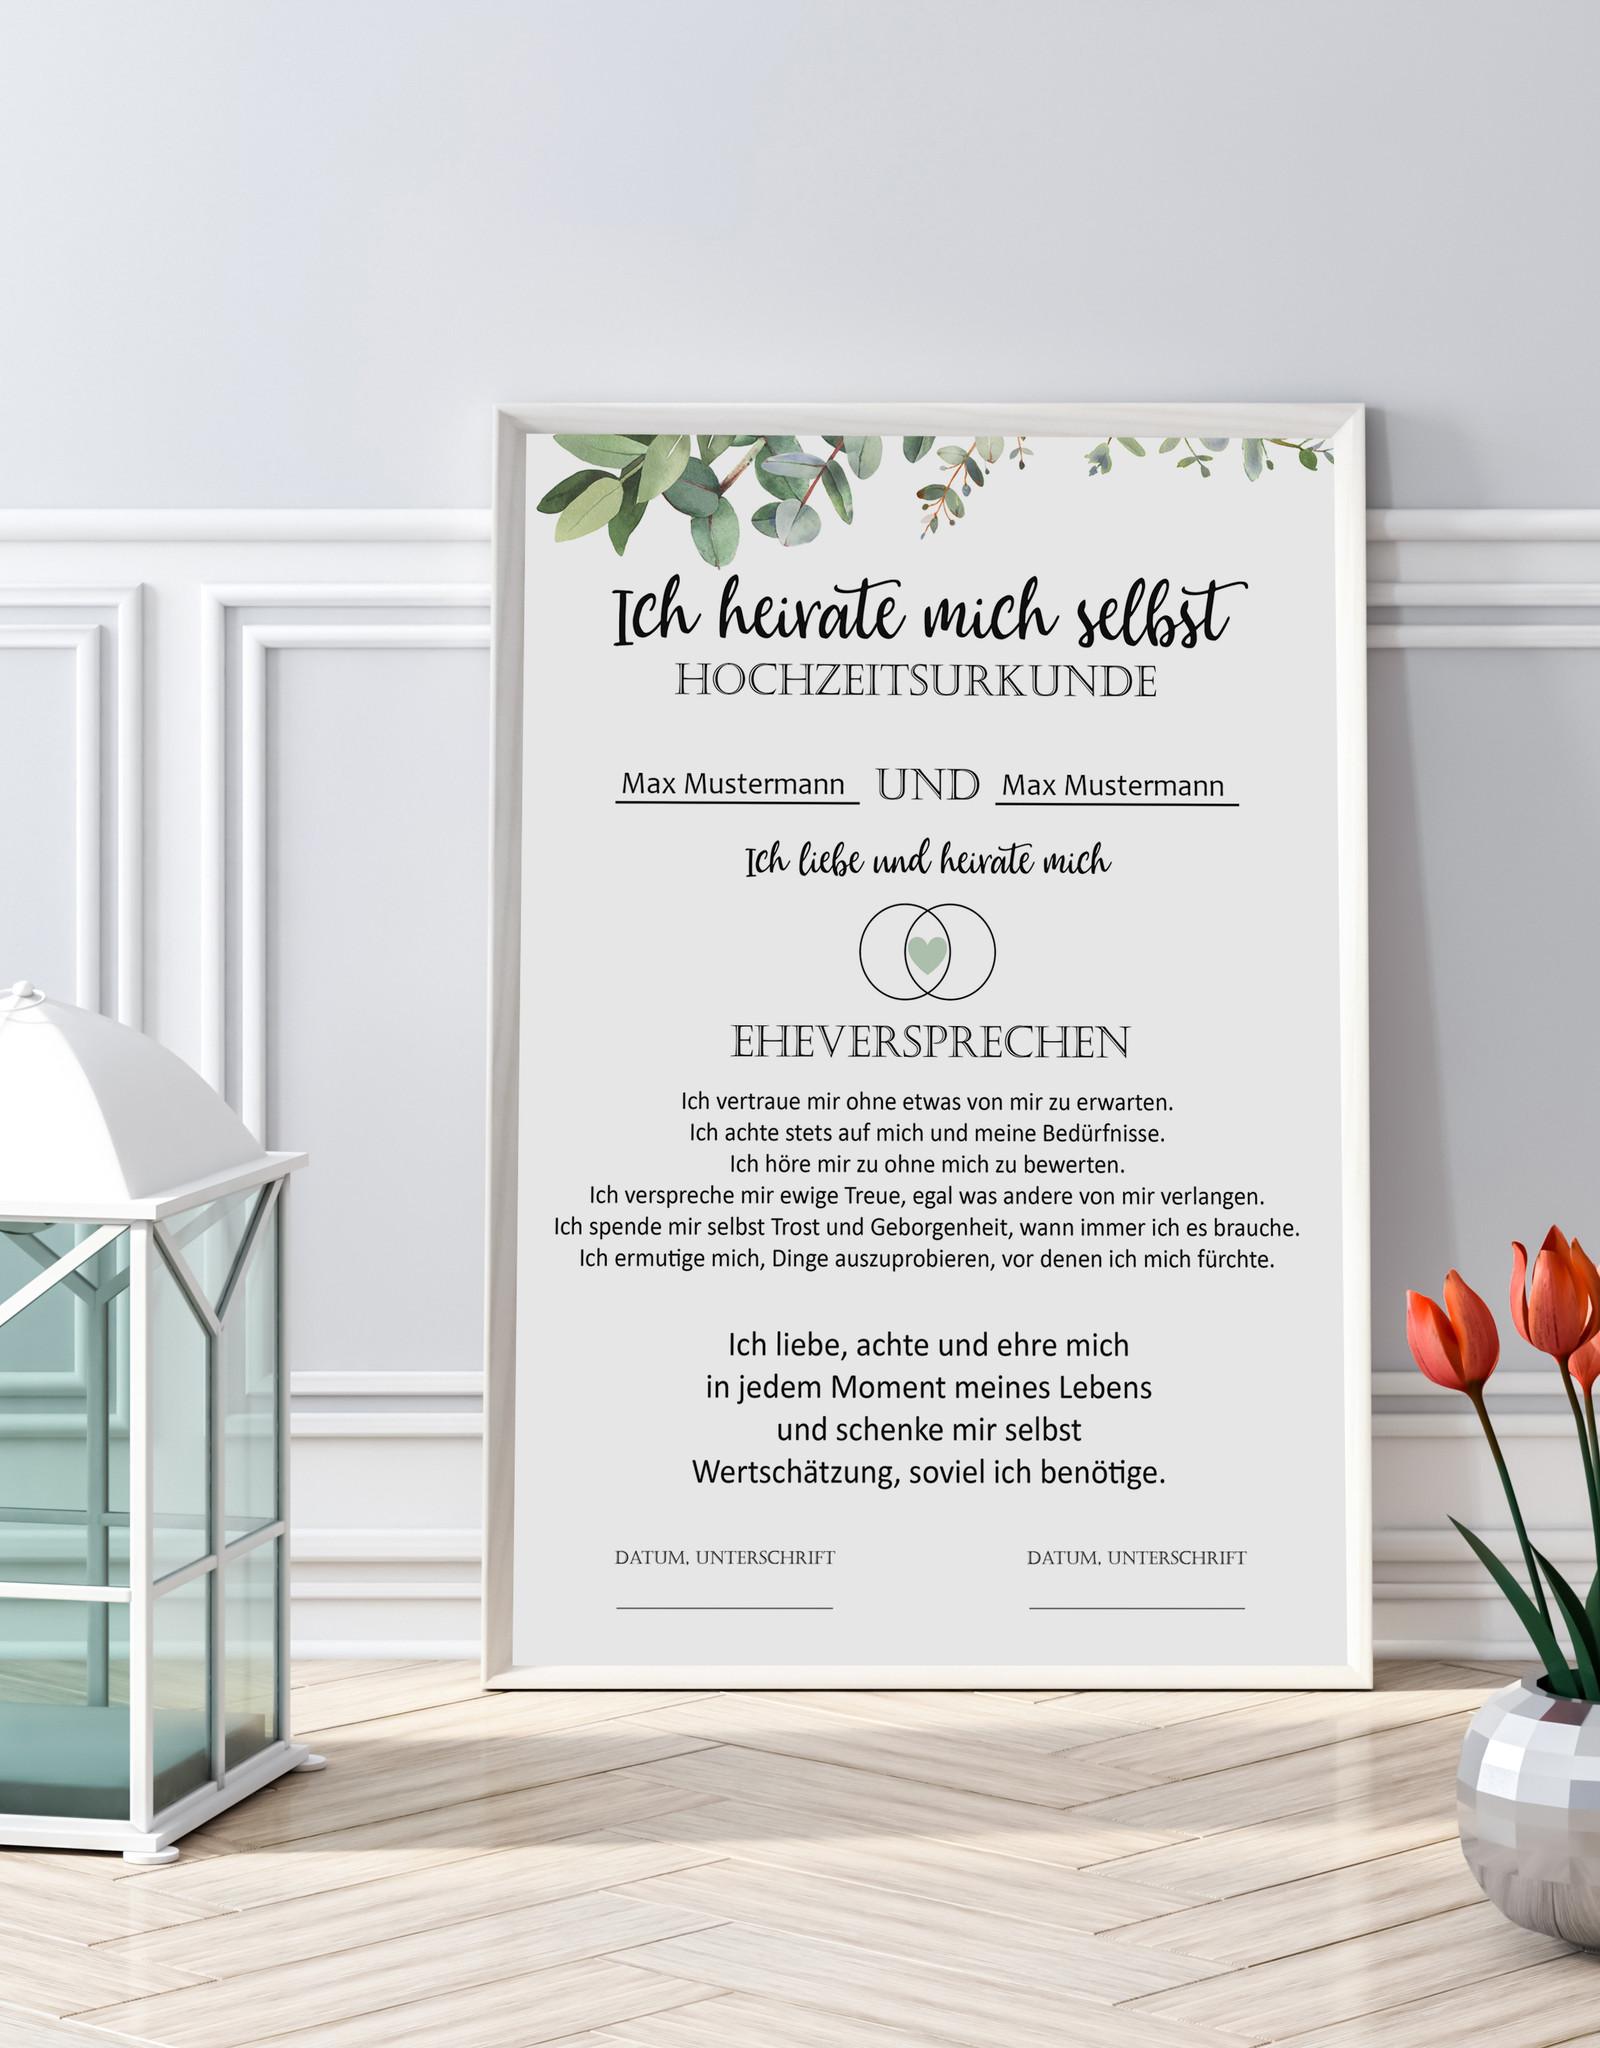 Heirate Dich selbst Hochzeitsurkunde Selbstliebe Poster DIN A4 Selbstwert Selbstliebe Geschenk